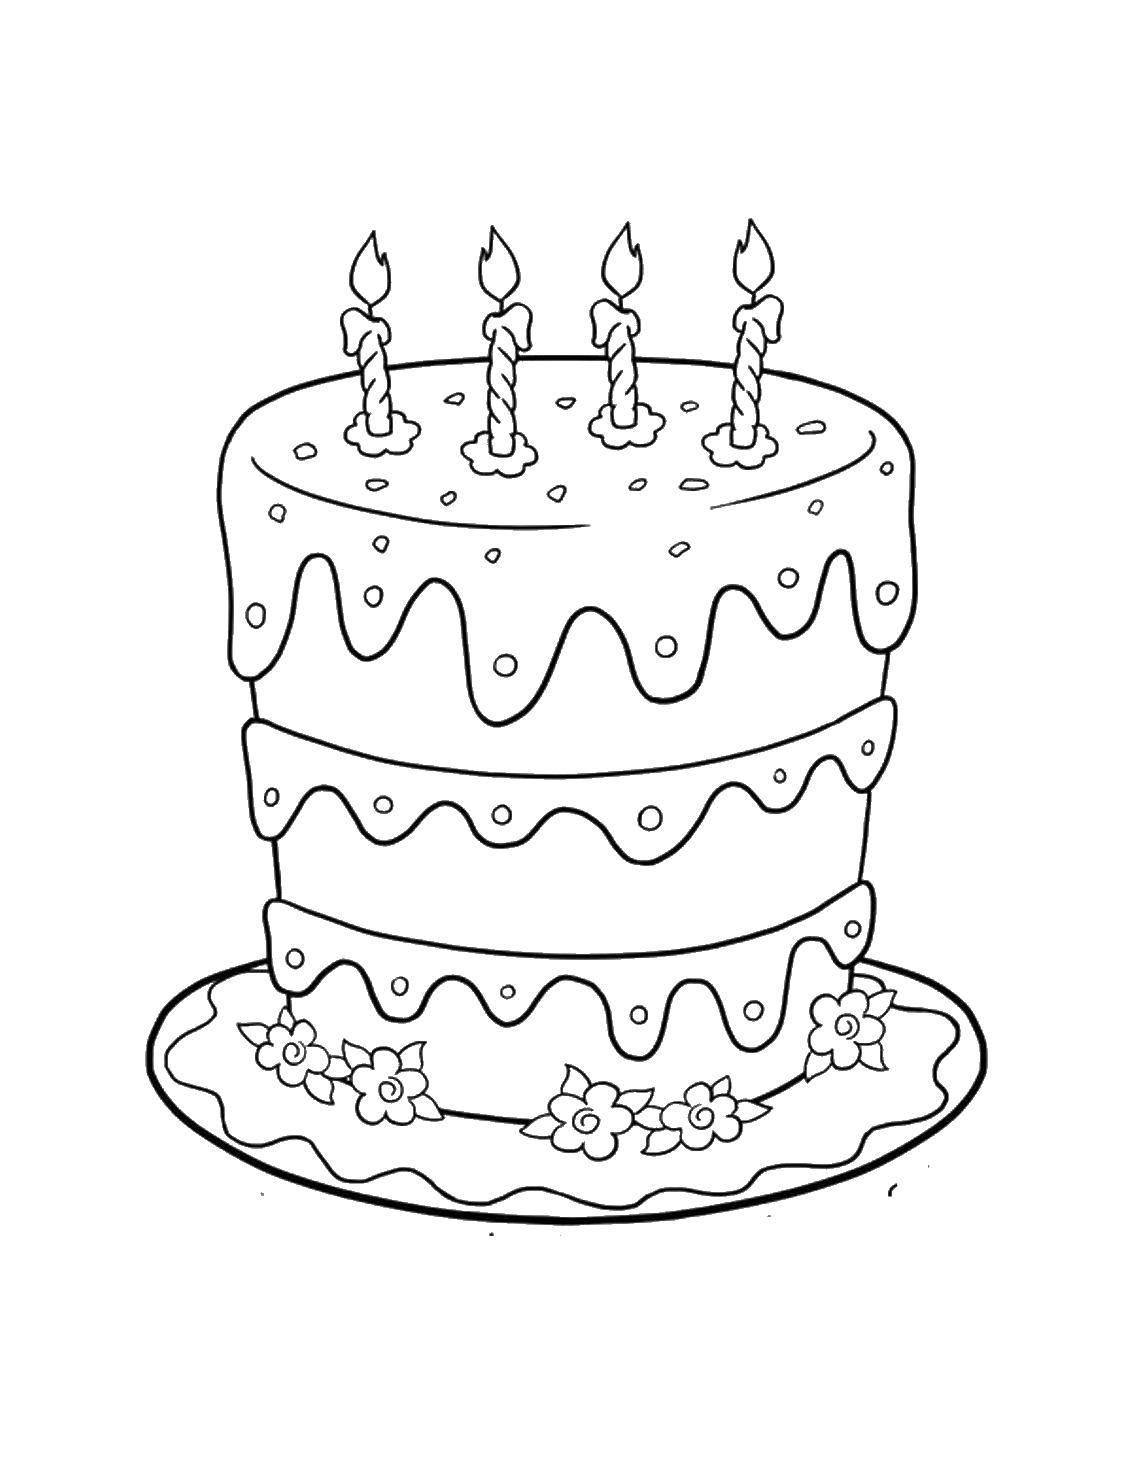 Раскраска торты Скачать Персонаж из мультфильма, Бен Тен.  Распечатать ,Персонаж из мультфильма,